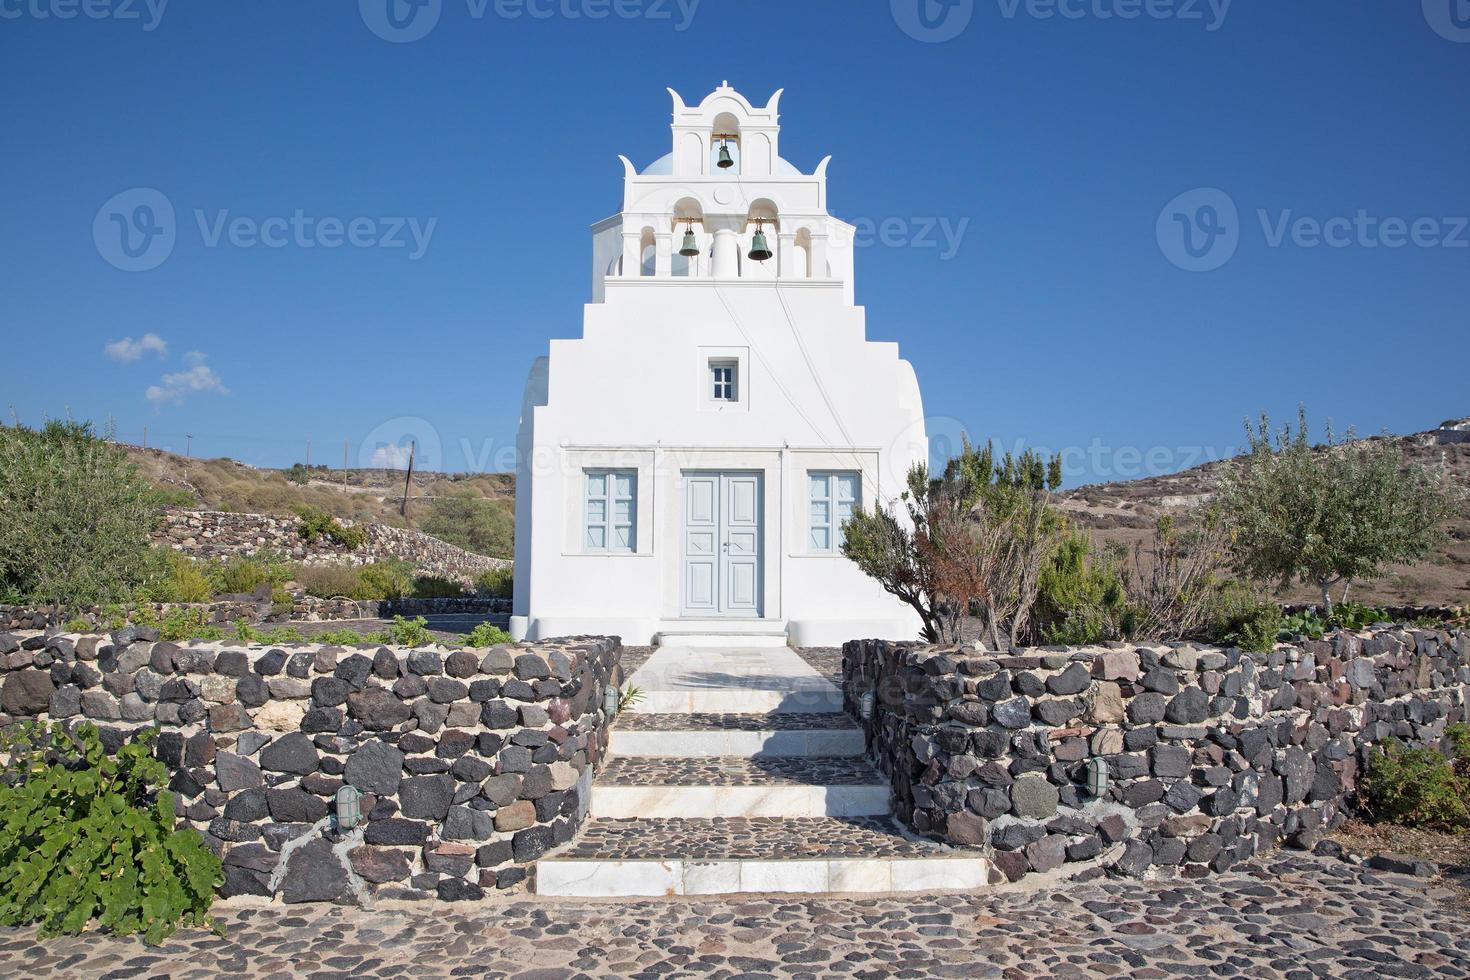 santorini - piccola cappella sulla costa meridionale dell'isola. foto